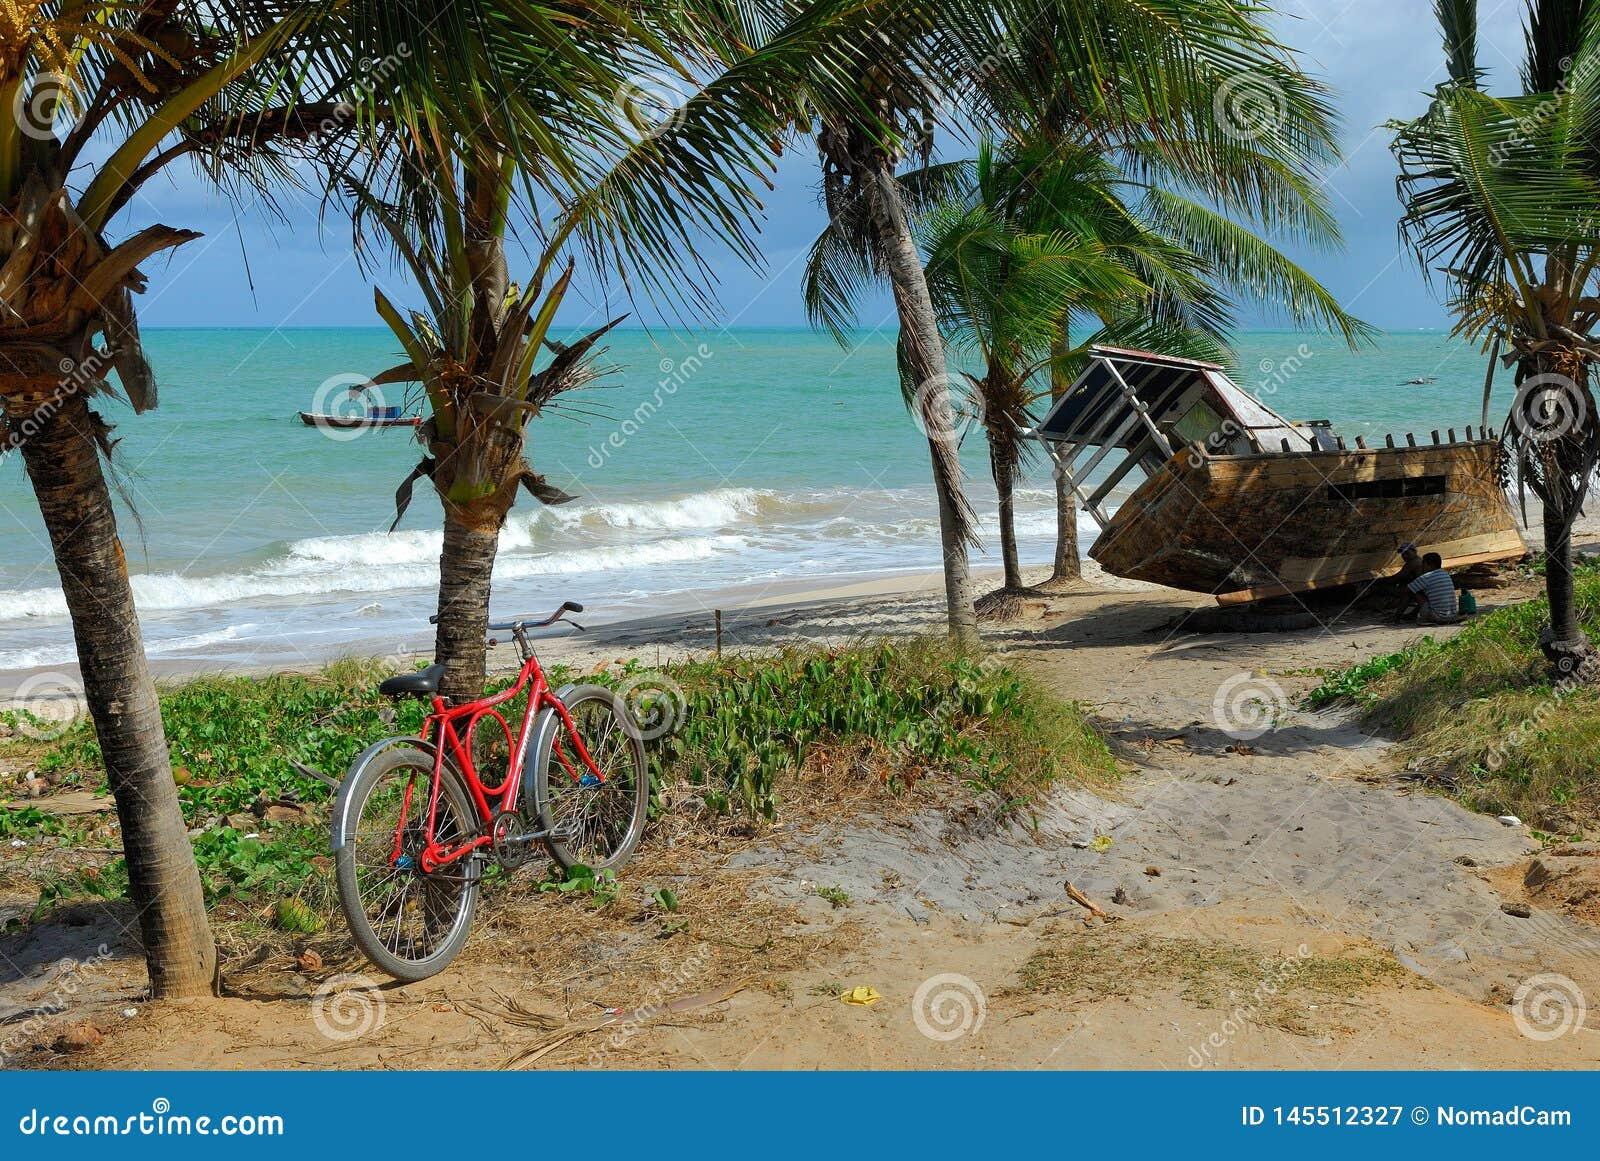 Rower i ??d? w tropikalnej pla?y